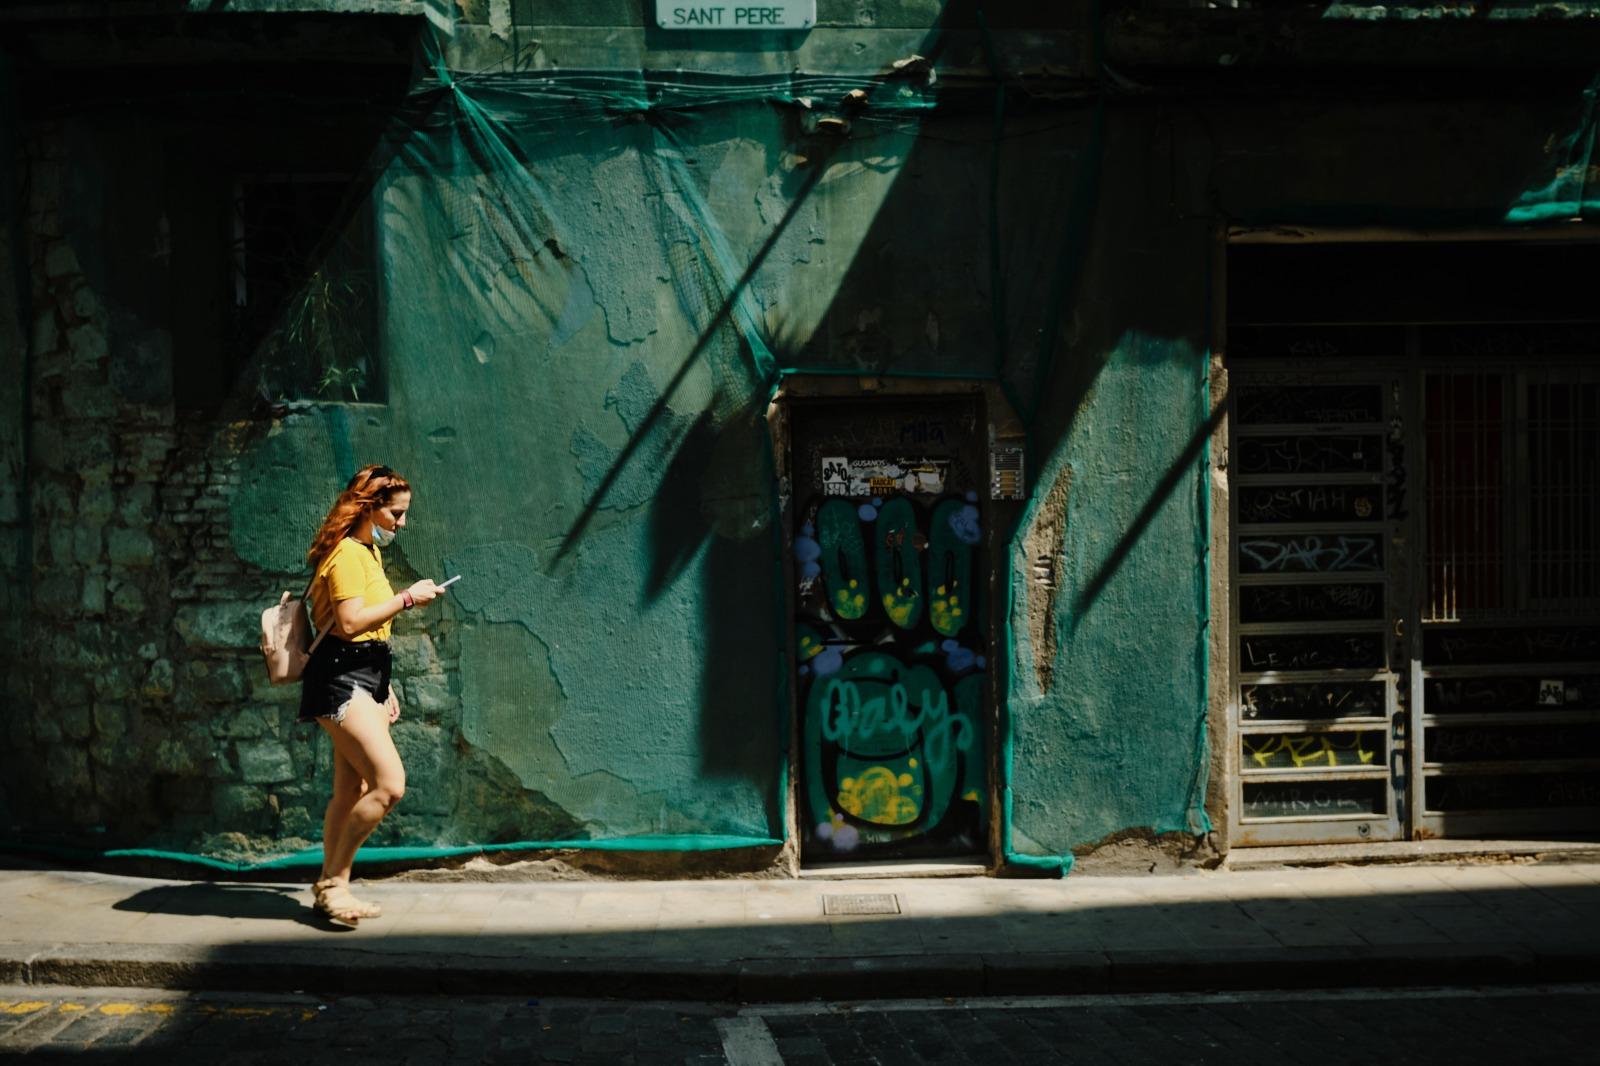 Talleres de Fotografía de Calle en Barcelona (street photography) con Rober Tomas, http://robertomasfoto.com